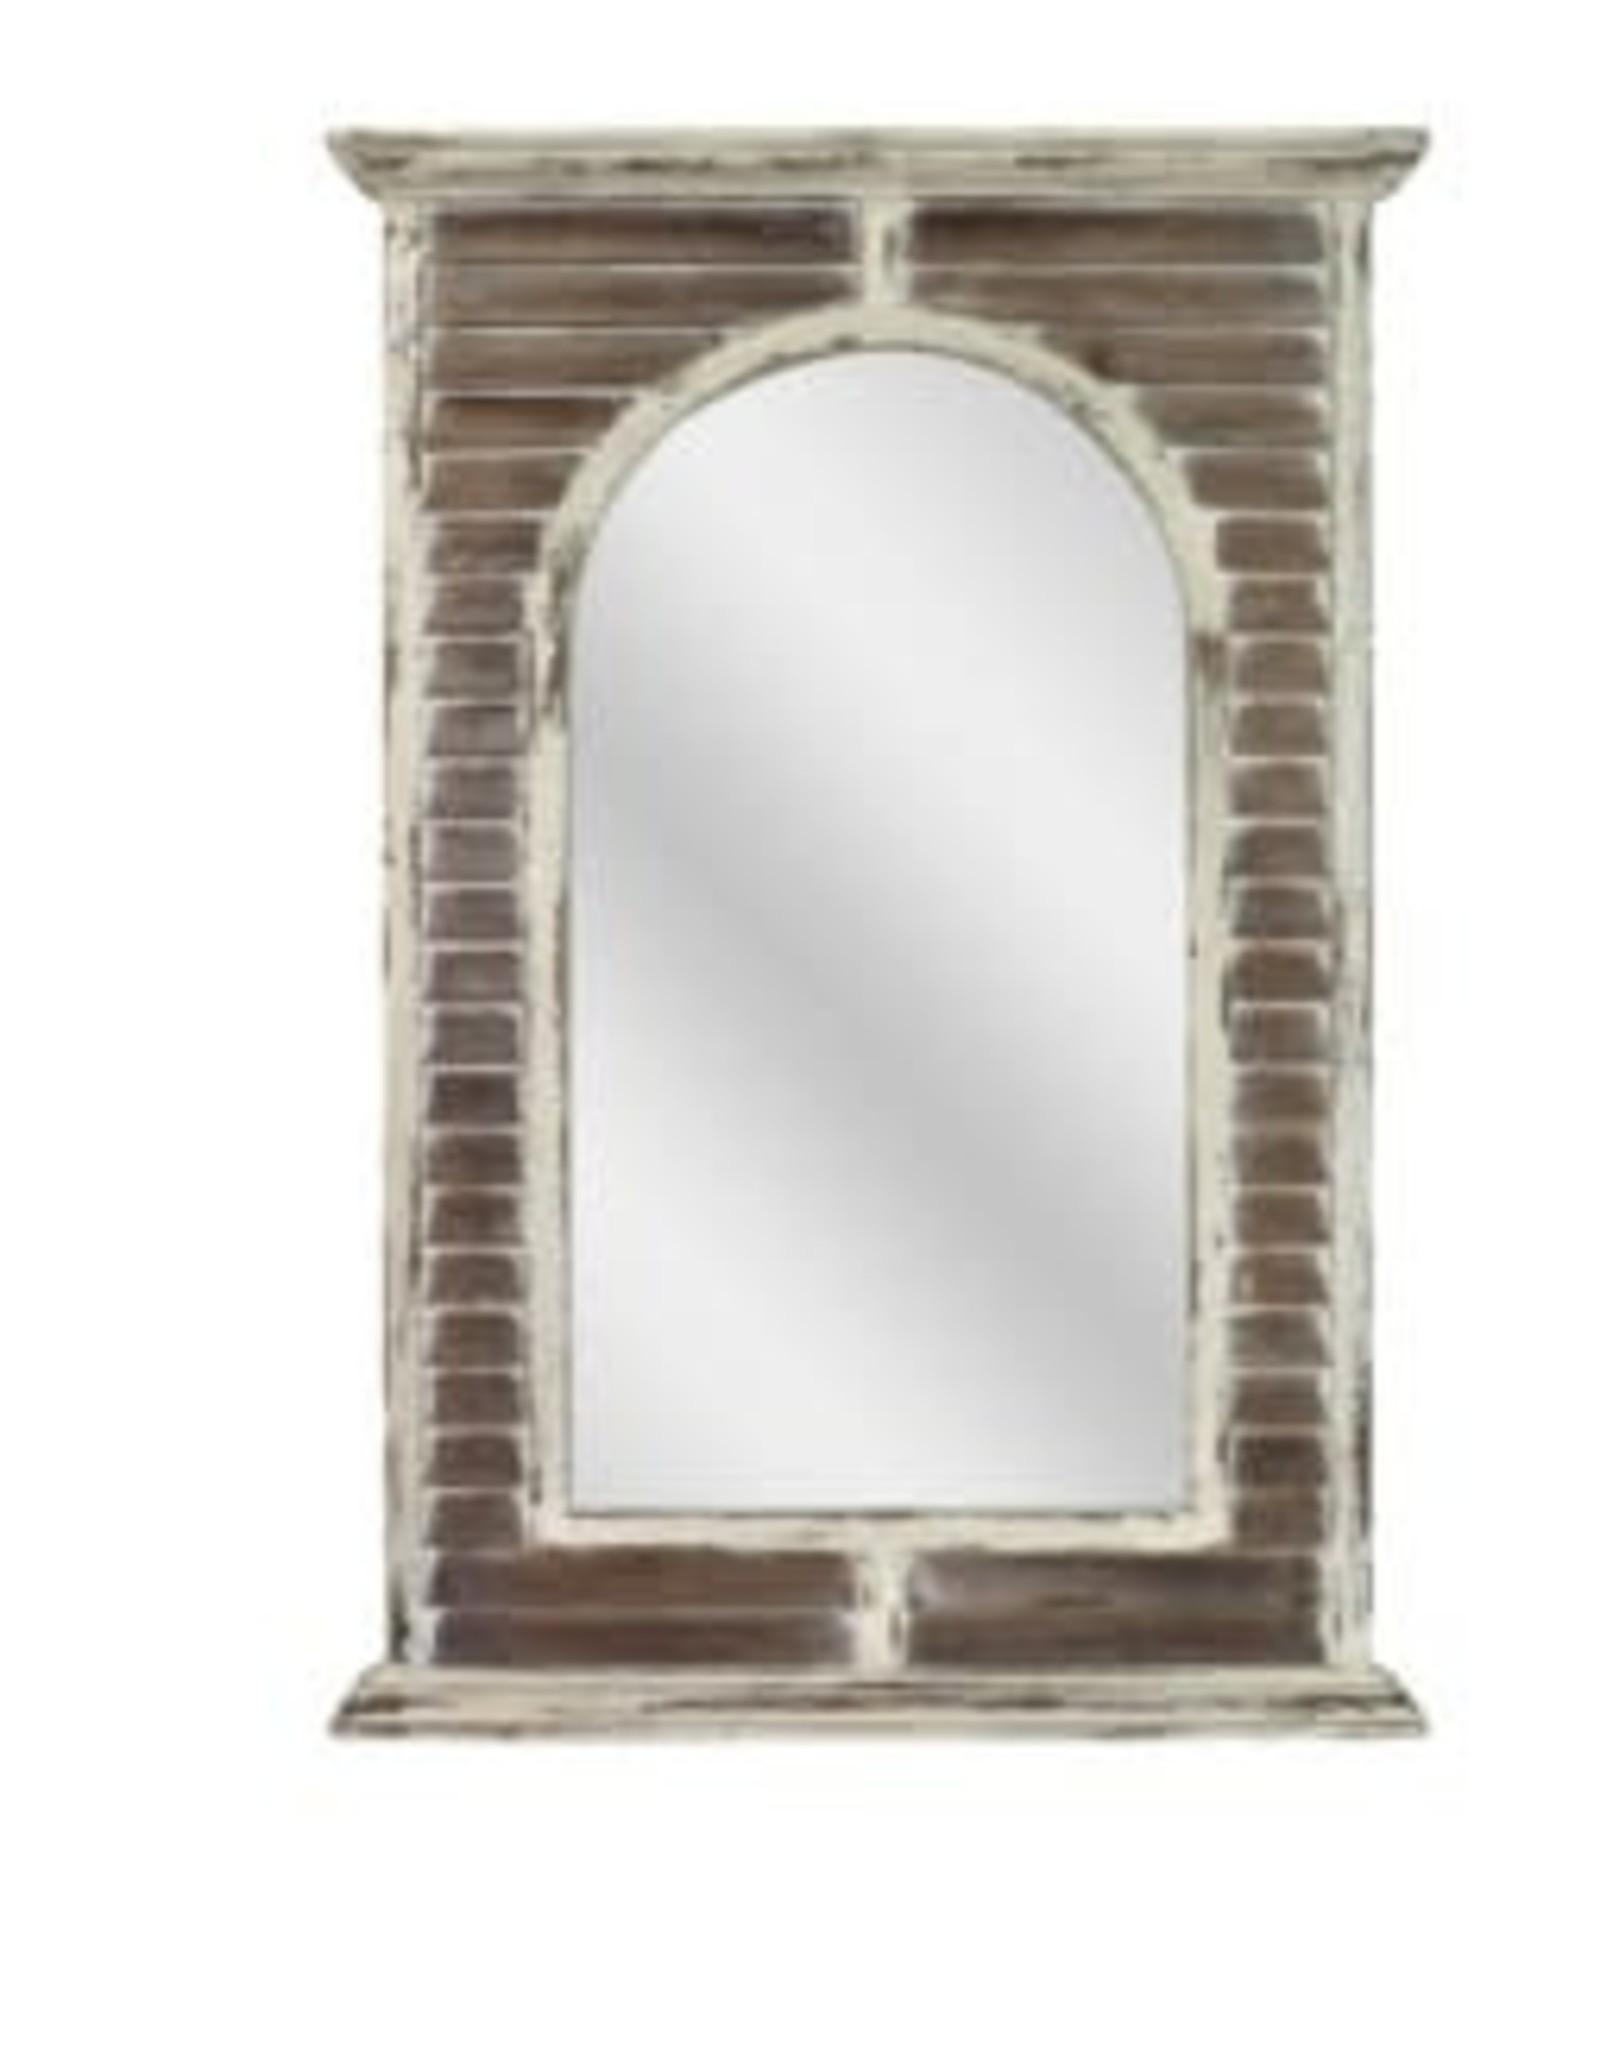 Crestview Archway Mirror